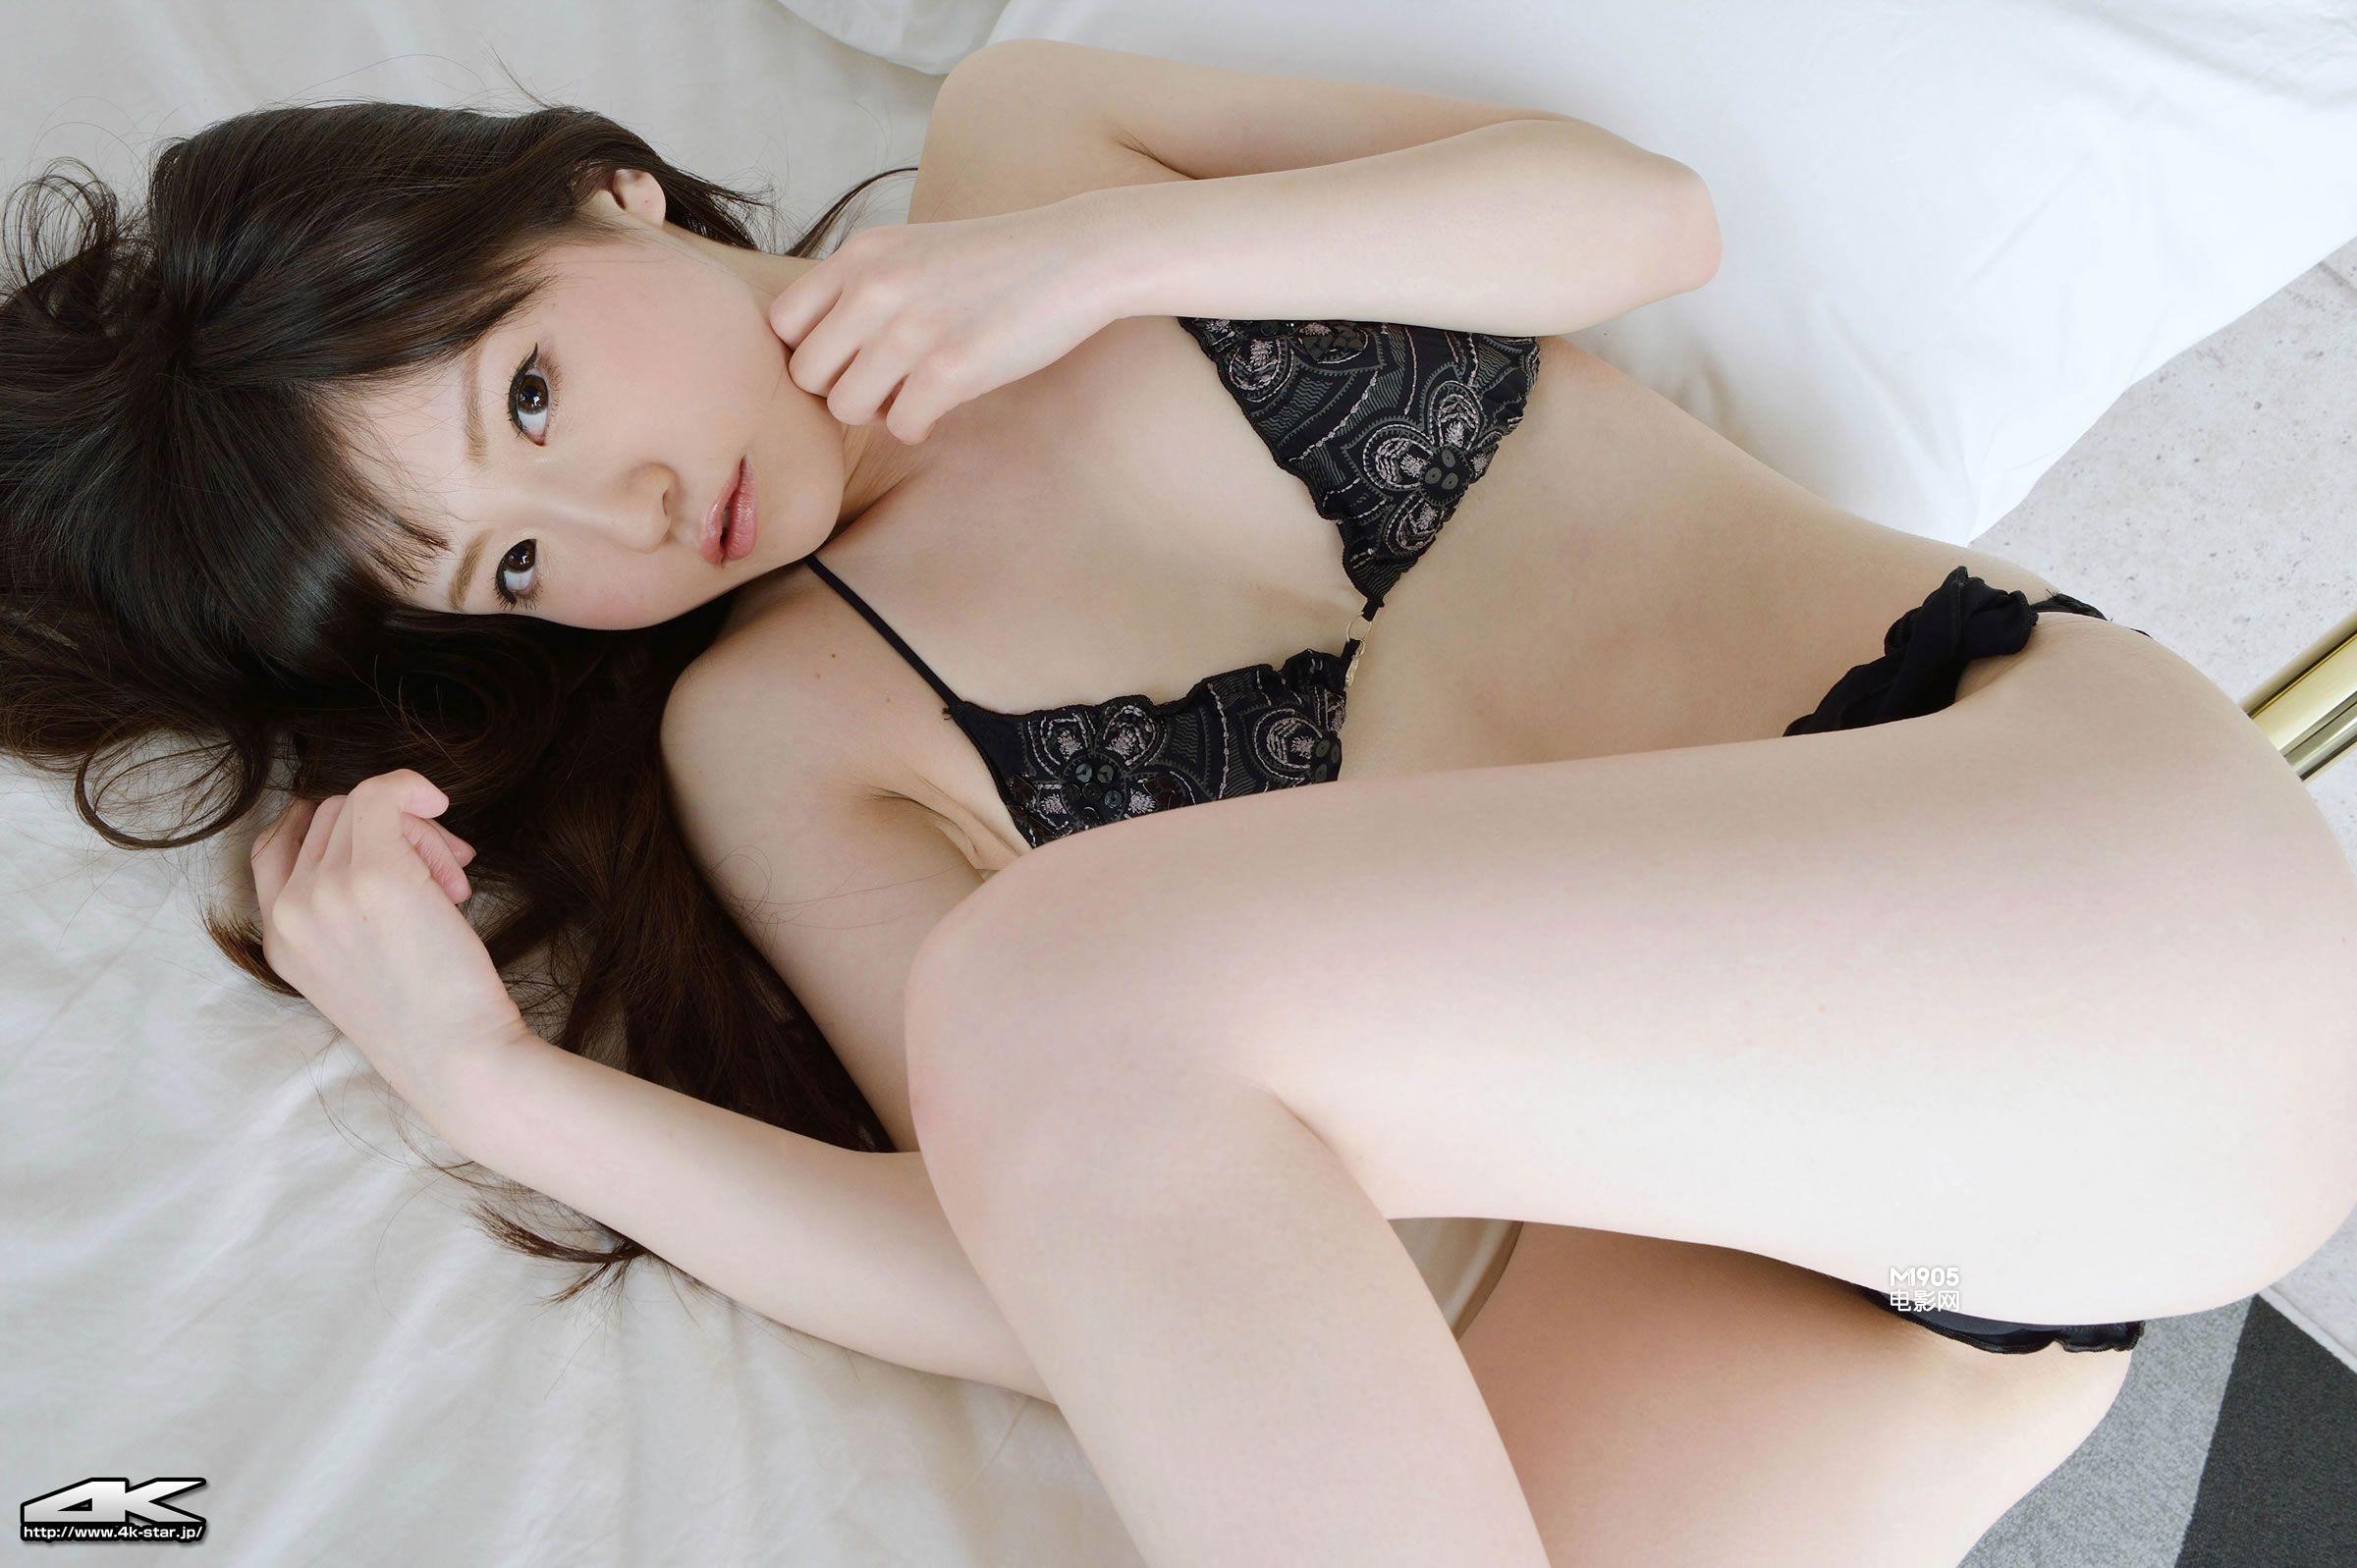 洁白的泰国女优_日本人气女优久宥茜内衣写真 白肌美体楚楚动人